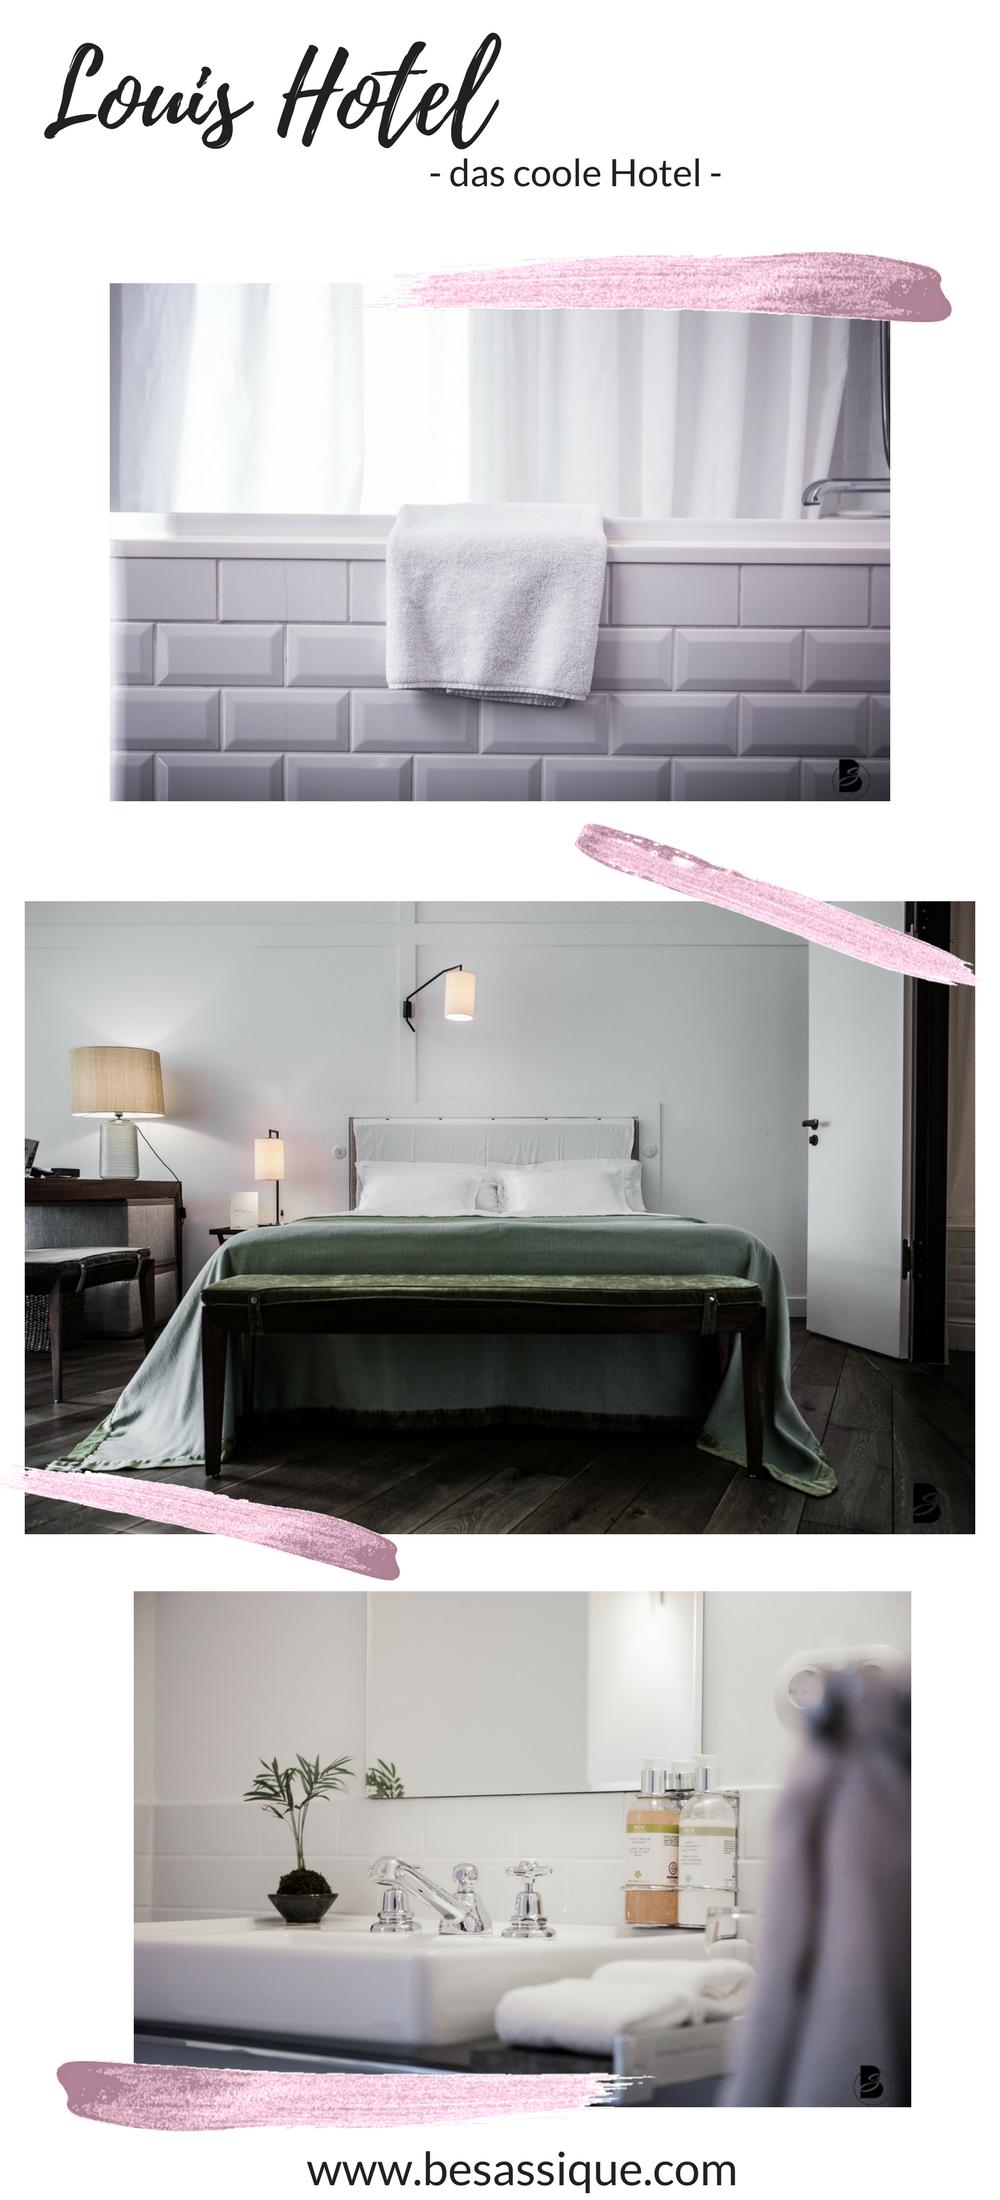 3 Hoteltipps für deinen Aufenthalt München.Die Auswahl an Hotels in München ist nahezu unbegrenzt– jeder Stil, jede Lage und jede Preisklasse ist vertreten. Du willst mittendrin sein? Dann bist du im coolen City Hotel Louis, einem Hotel in München am Viktualienmarkt, genau richtig.